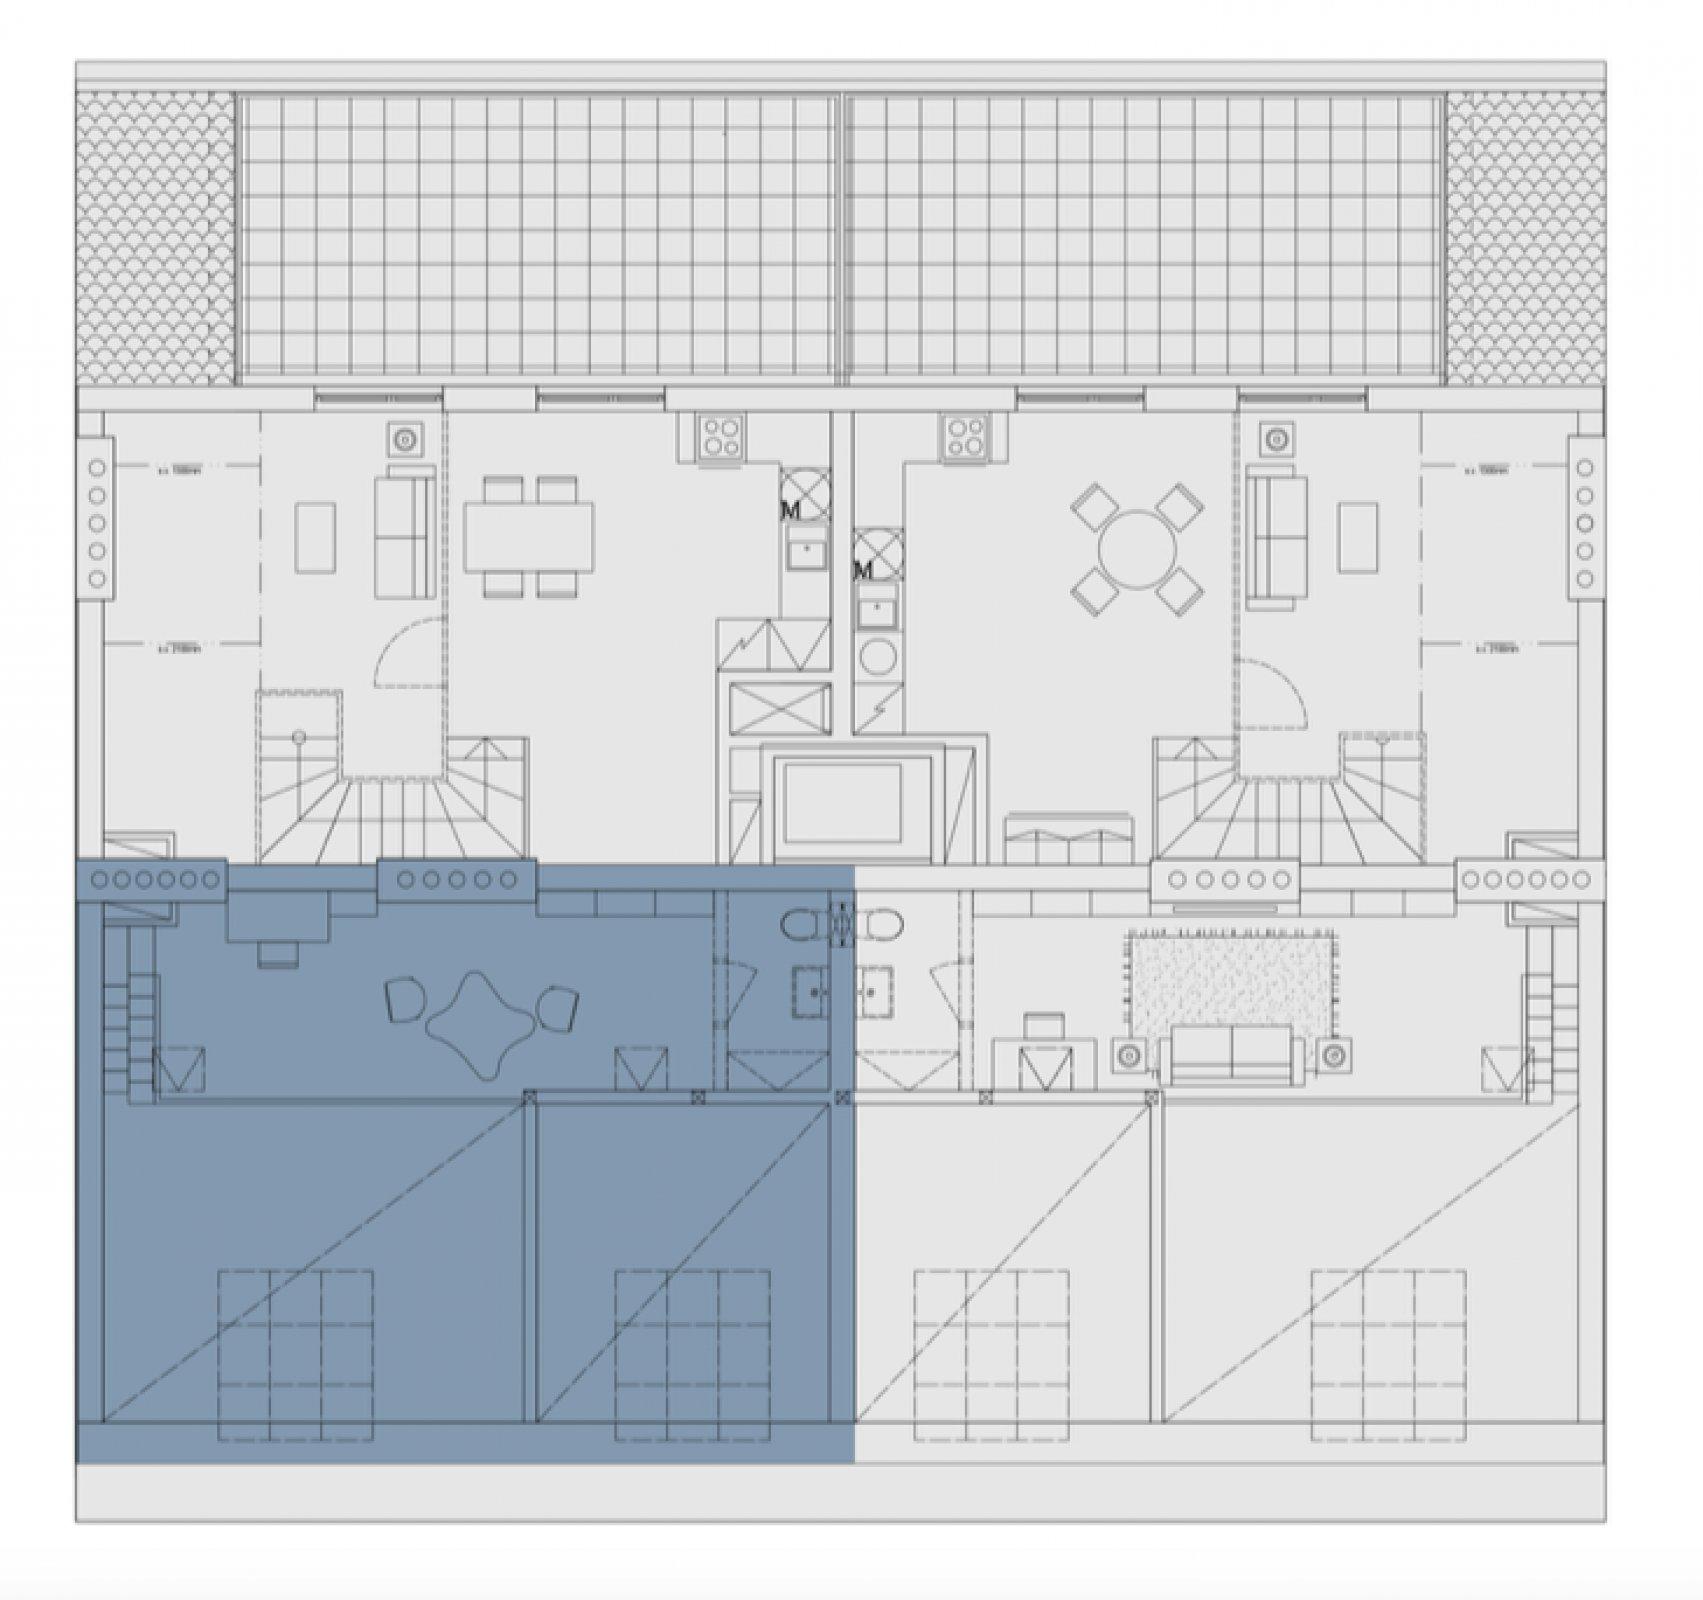 Půdorys - Půdní byt 3+kk, plocha 75 m², ulice Legerova, Praha 2 - Nové Město